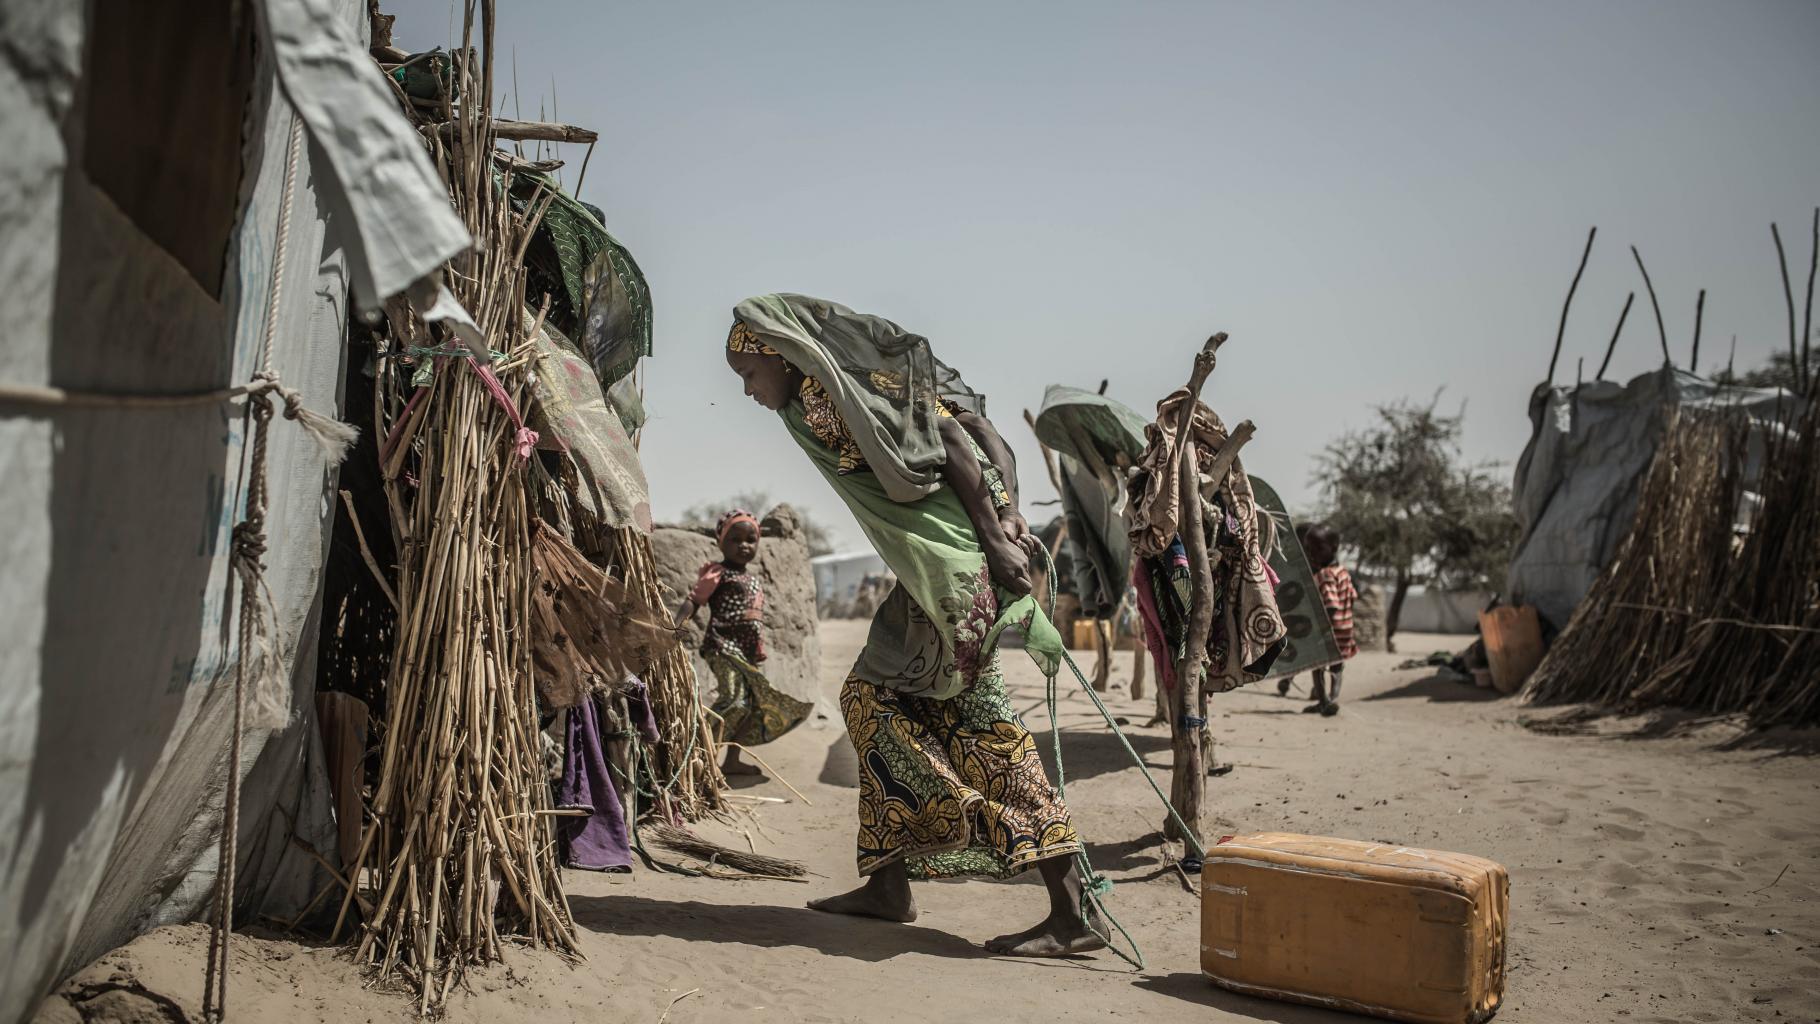 Eine Frau zieht einen Wasserkanister an einem Strick hinter sich durch den Sand in ein Zelt.